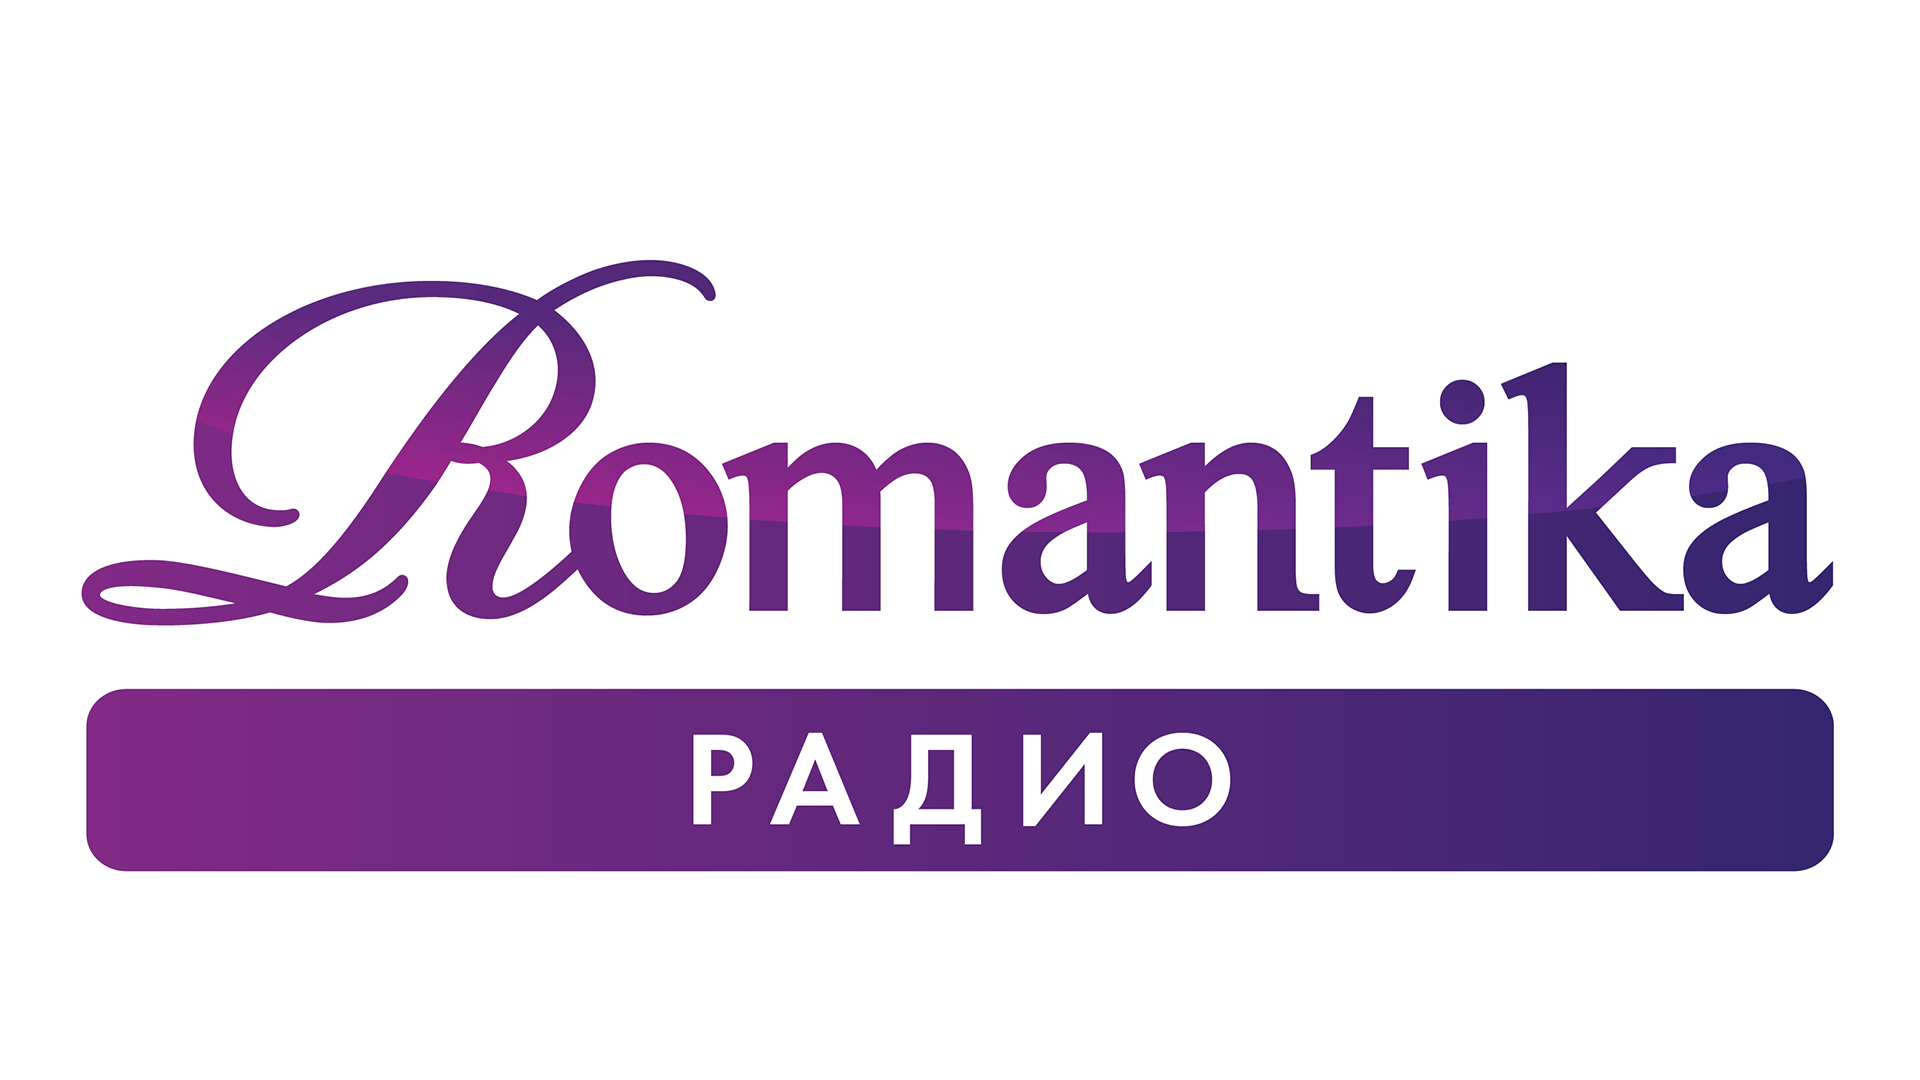 Профилактика на Радио Romantika - Радио Romantika